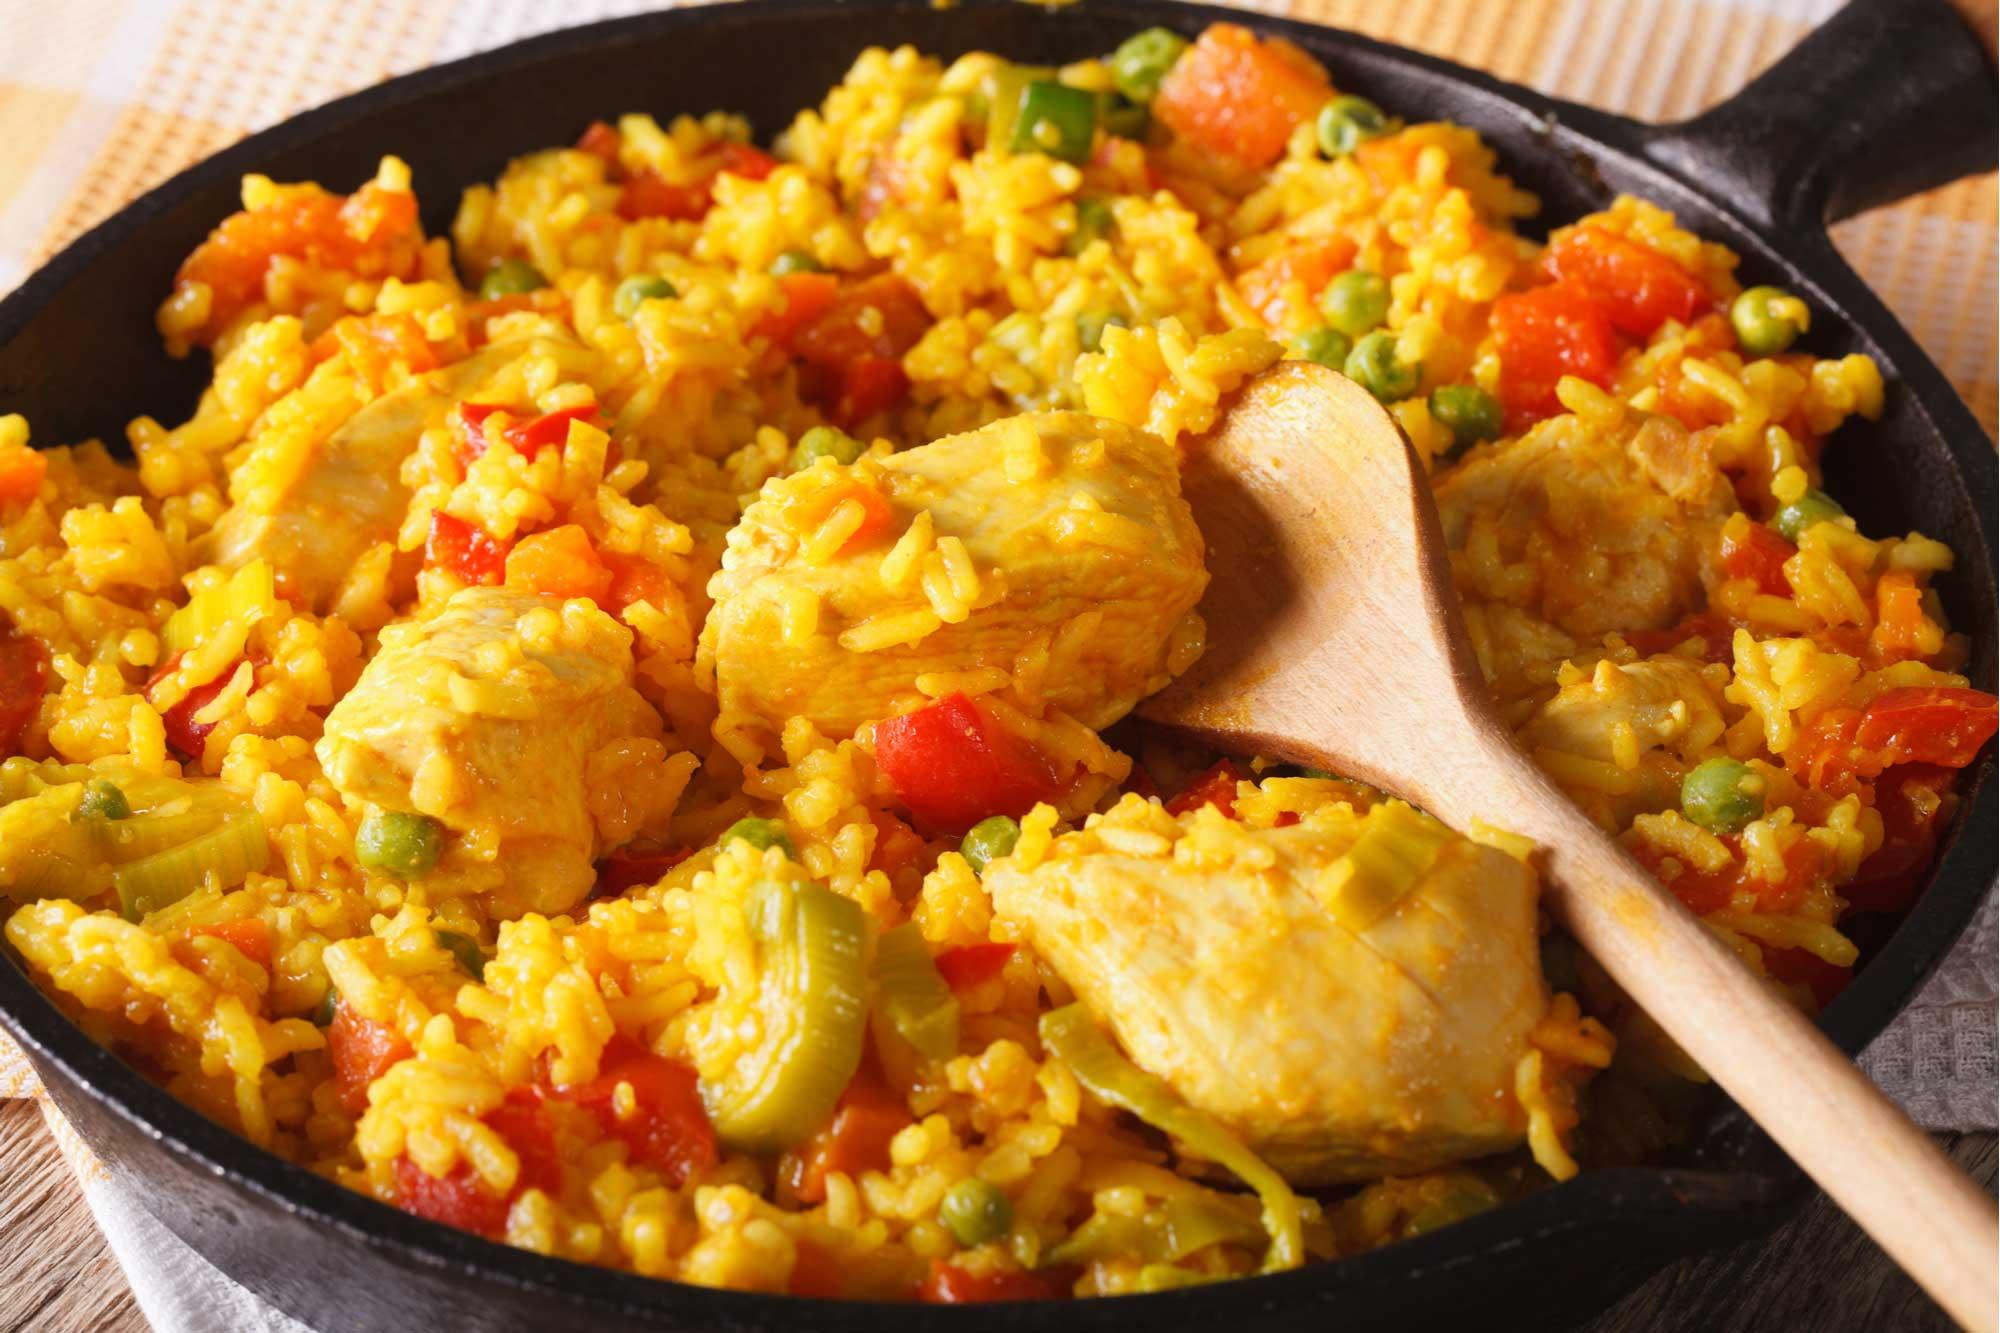 Sofreír el arroz sería clave: nutricionista comparte recomendaciones para cocinar los acompañamientos